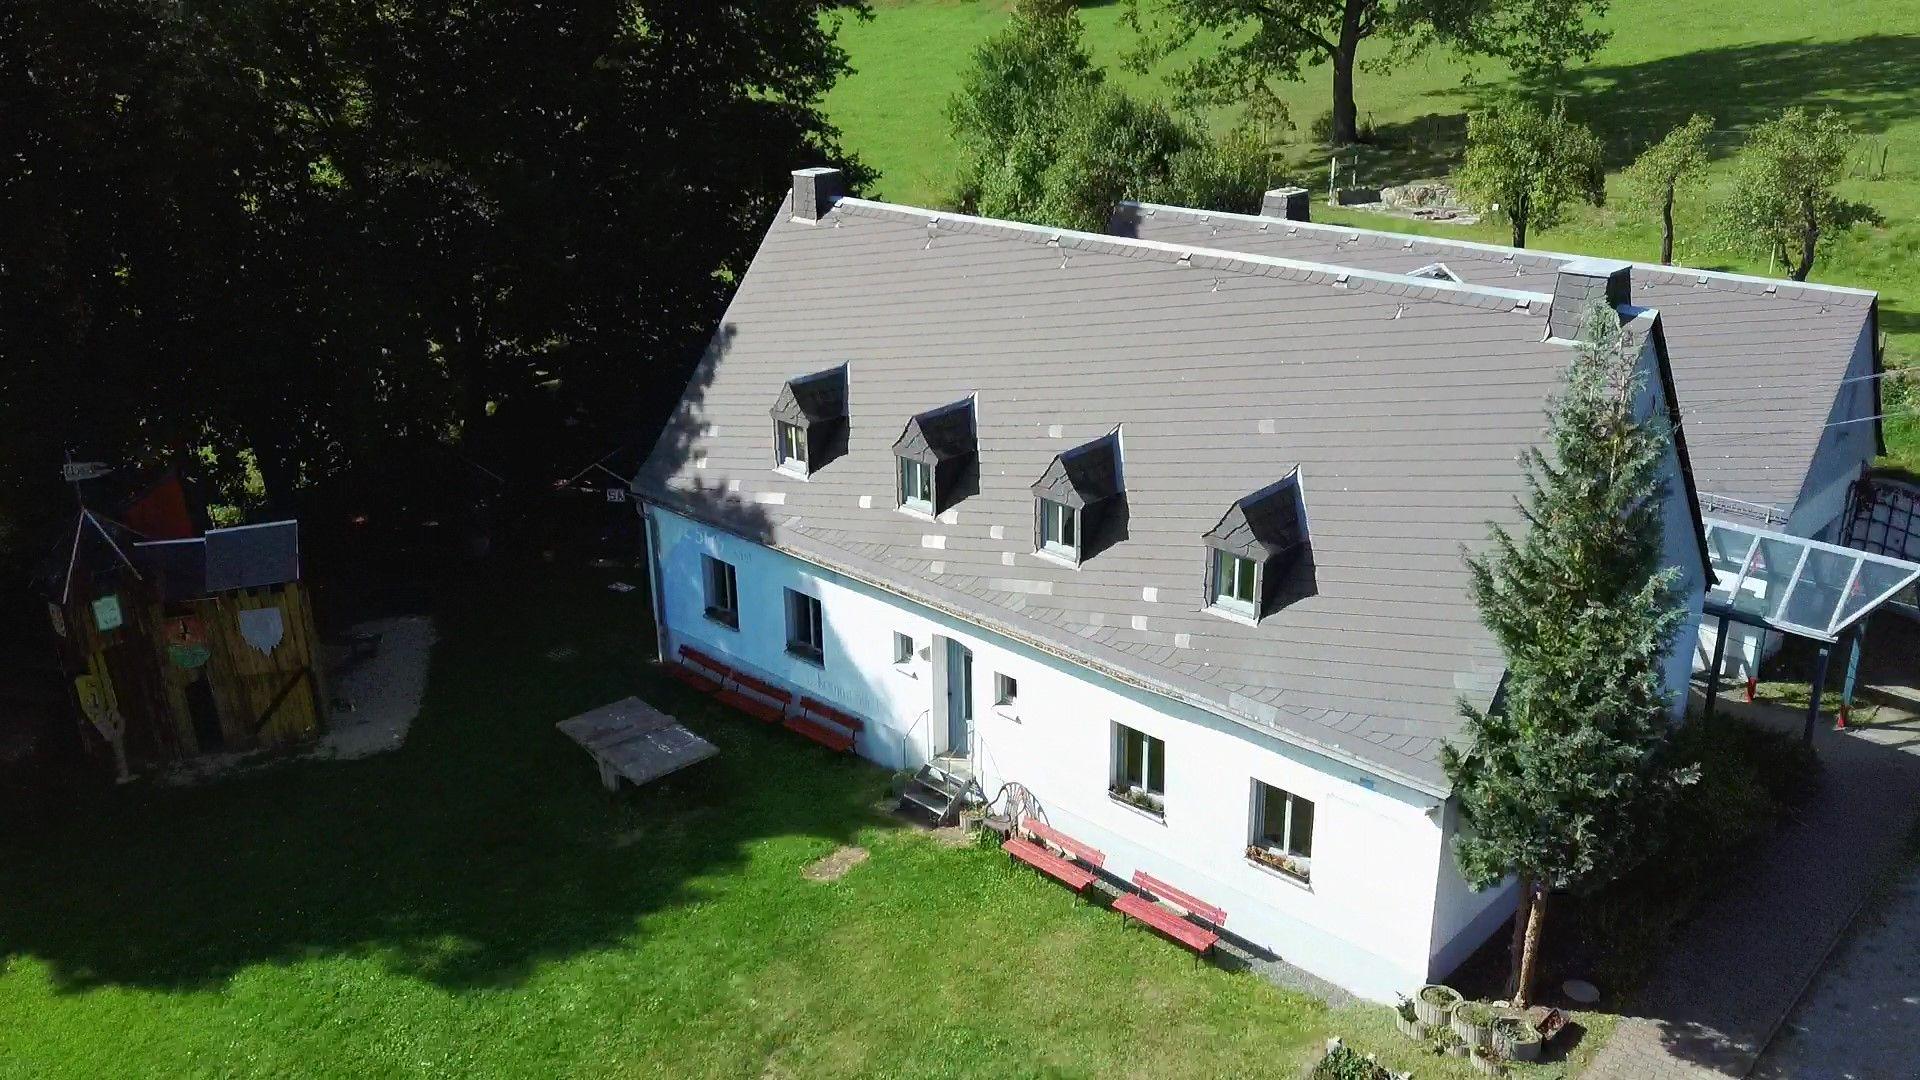 """Vermietung Haus """"Wiesenburg"""" in Weischlitz"""